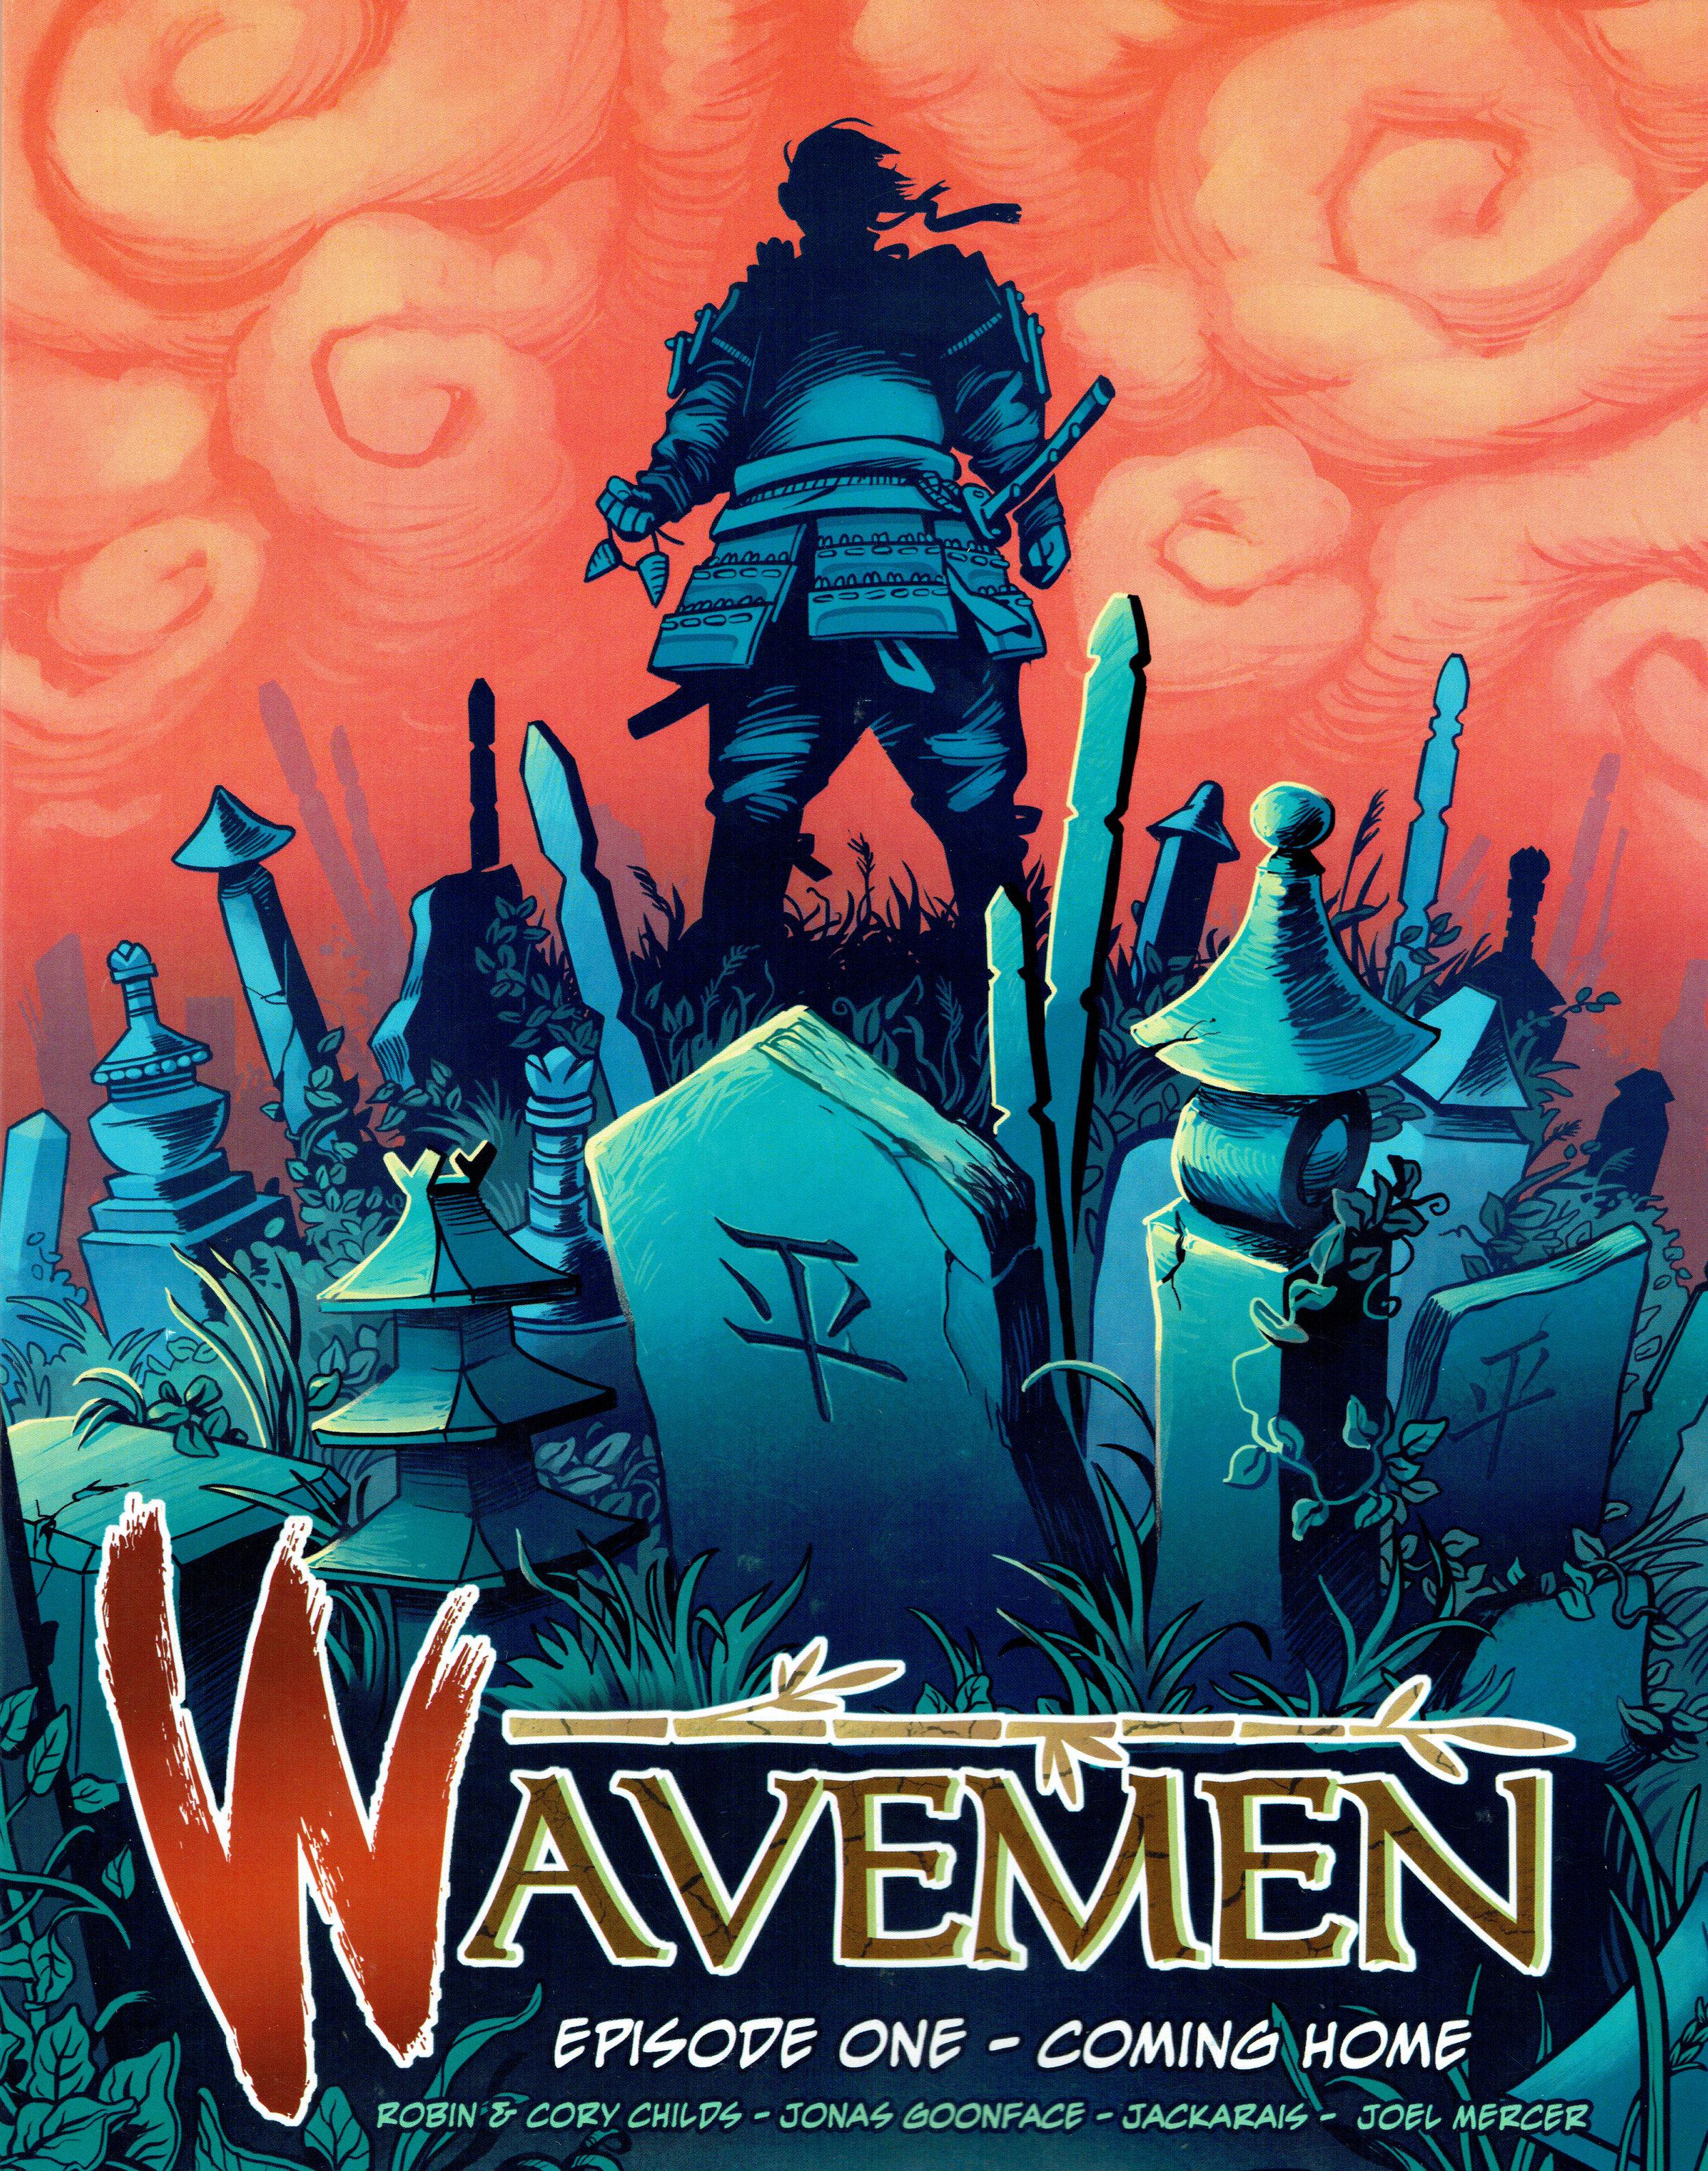 Wavemen vol.1 from Moko Press.